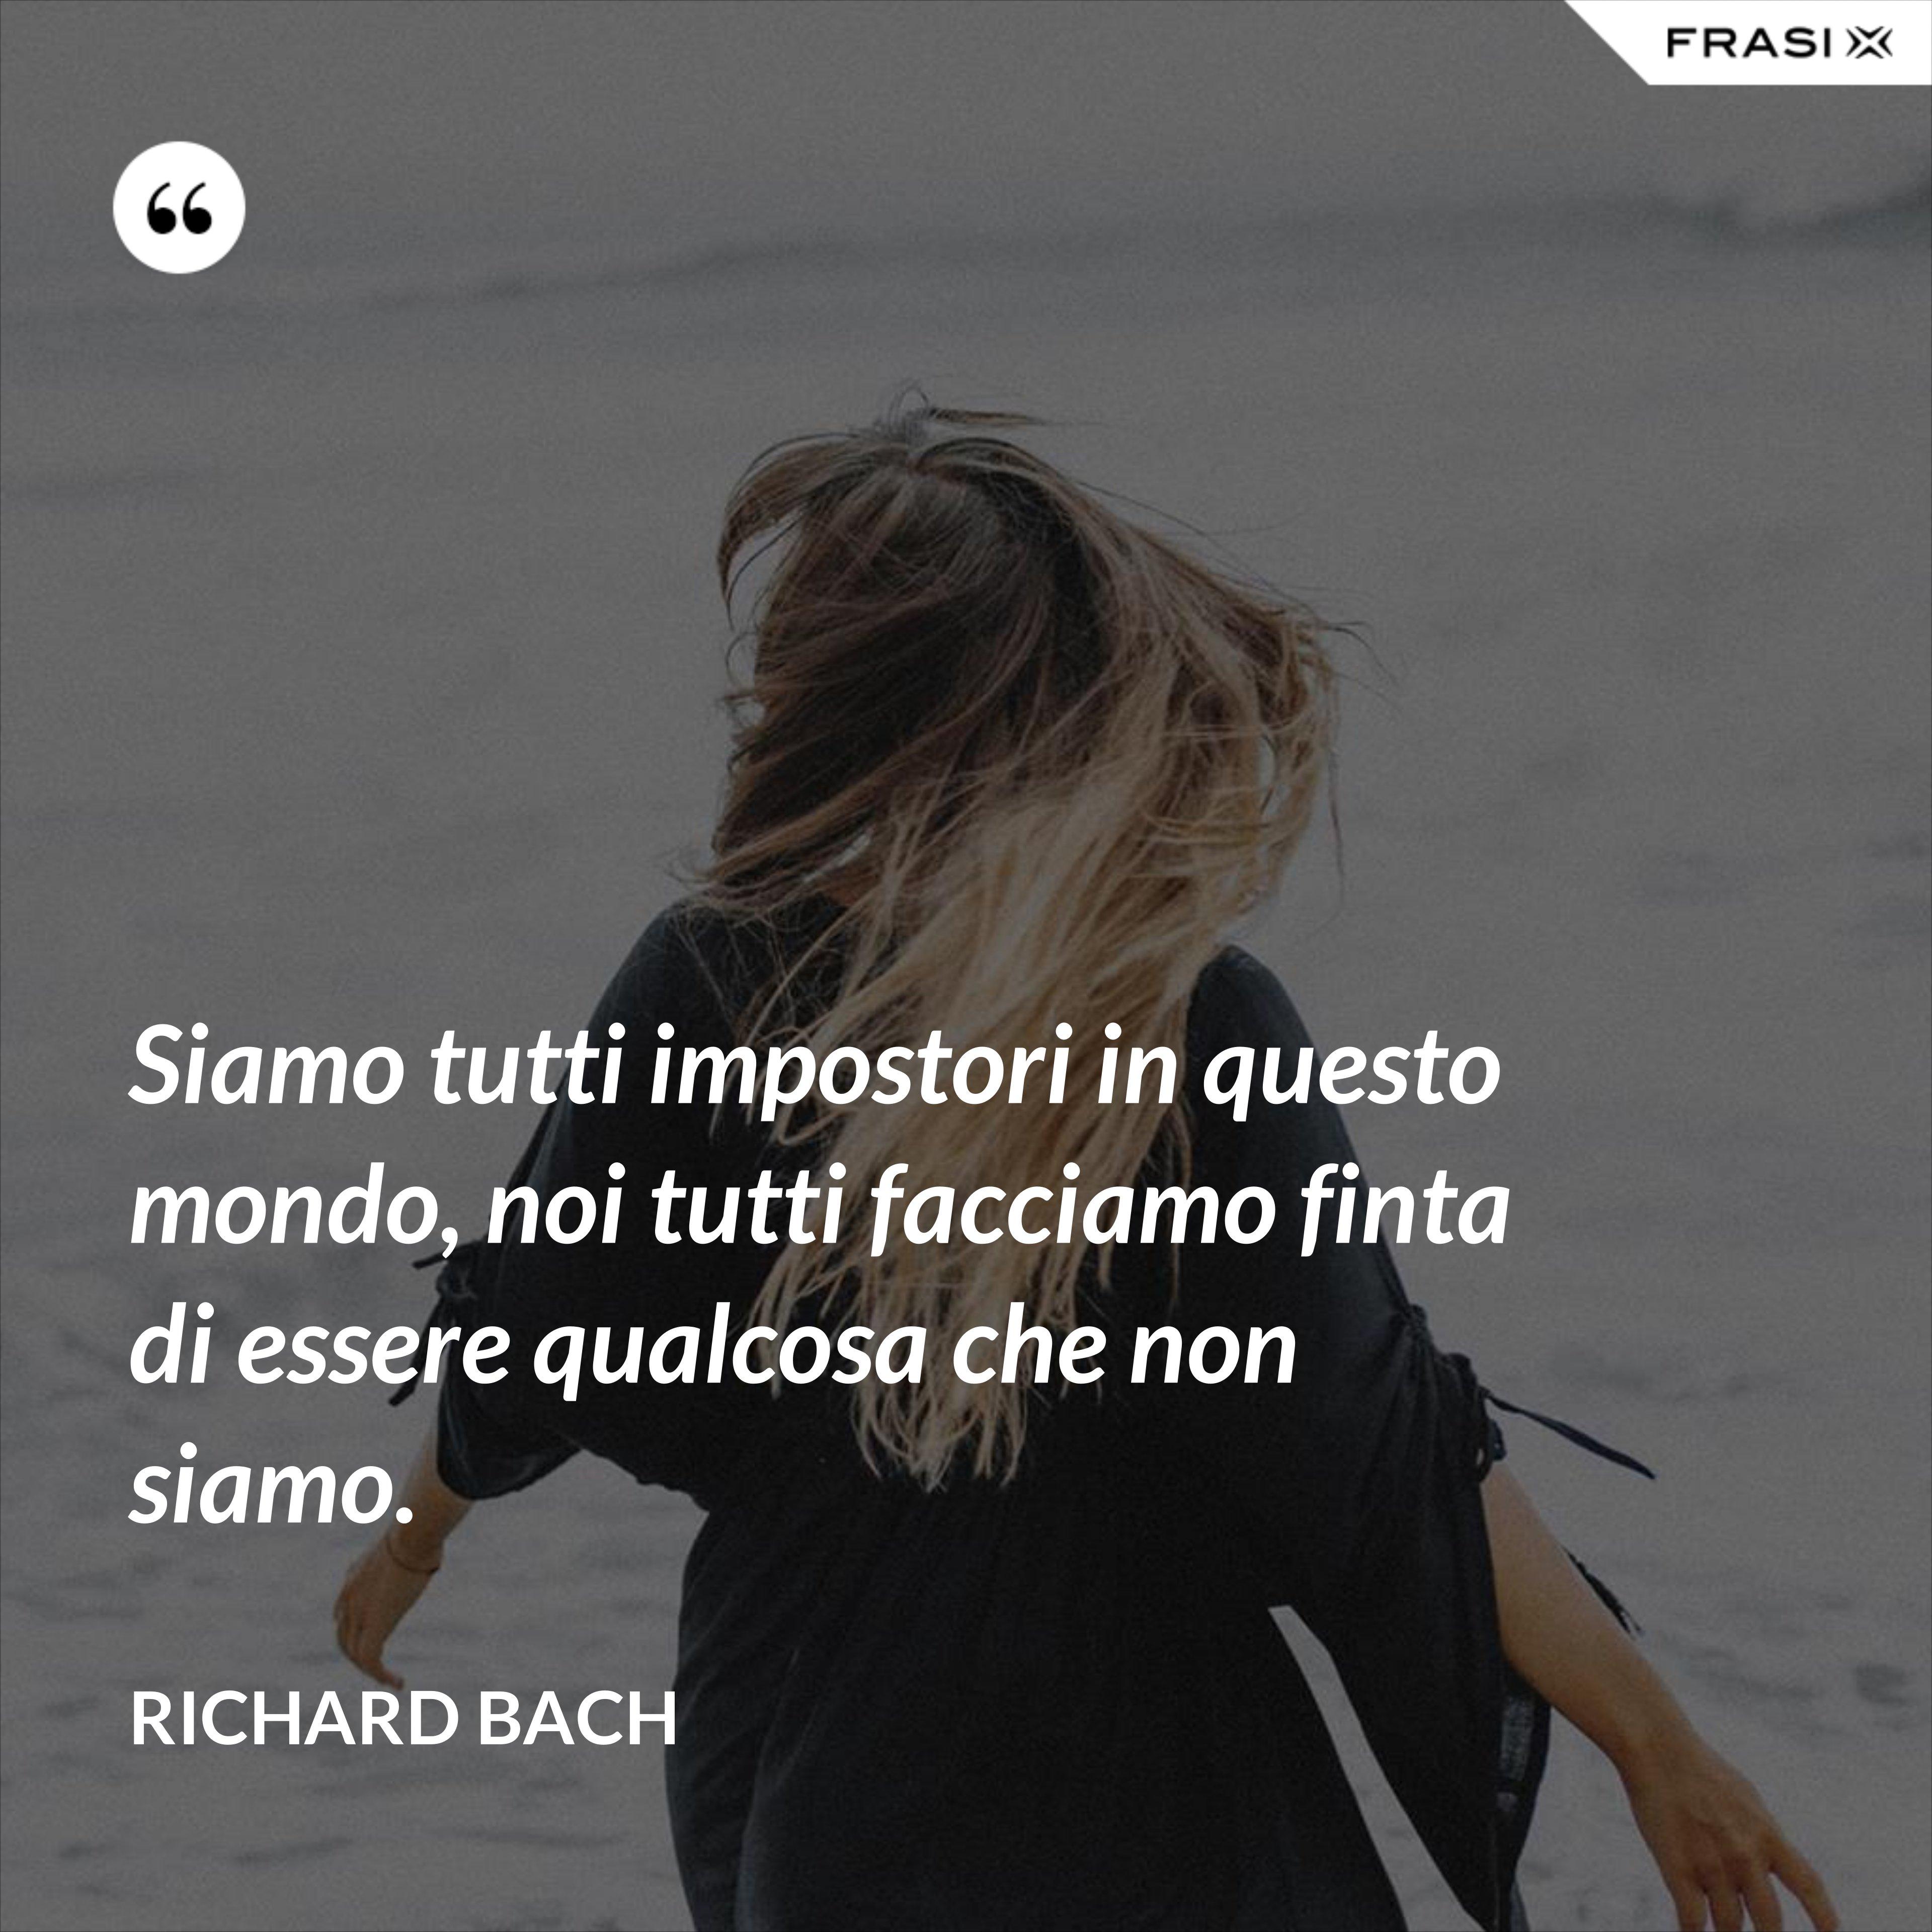 Siamo tutti impostori in questo mondo, noi tutti facciamo finta di essere qualcosa che non siamo. - Richard Bach